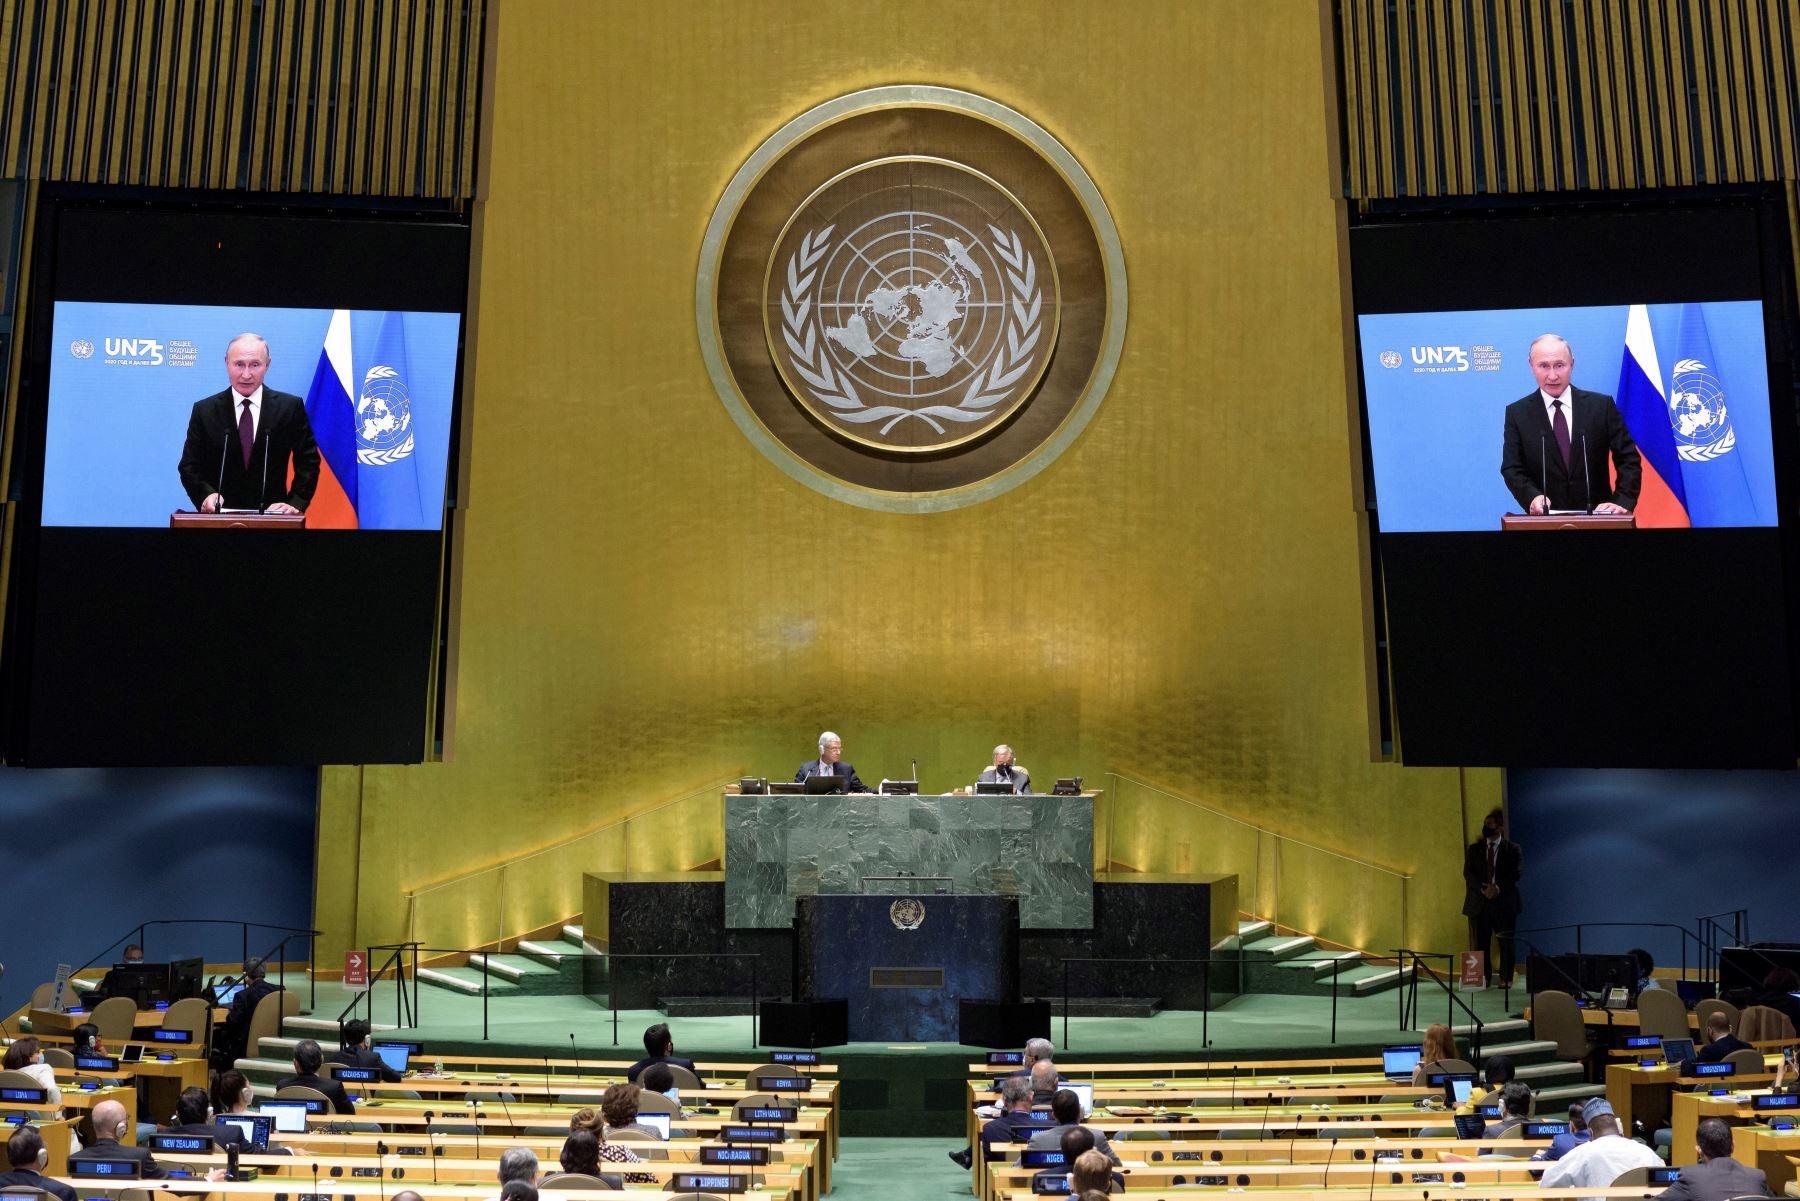 Putin afirma que la vacuna rusa es segura y se la ofrece gratis a la ONU | Noticias